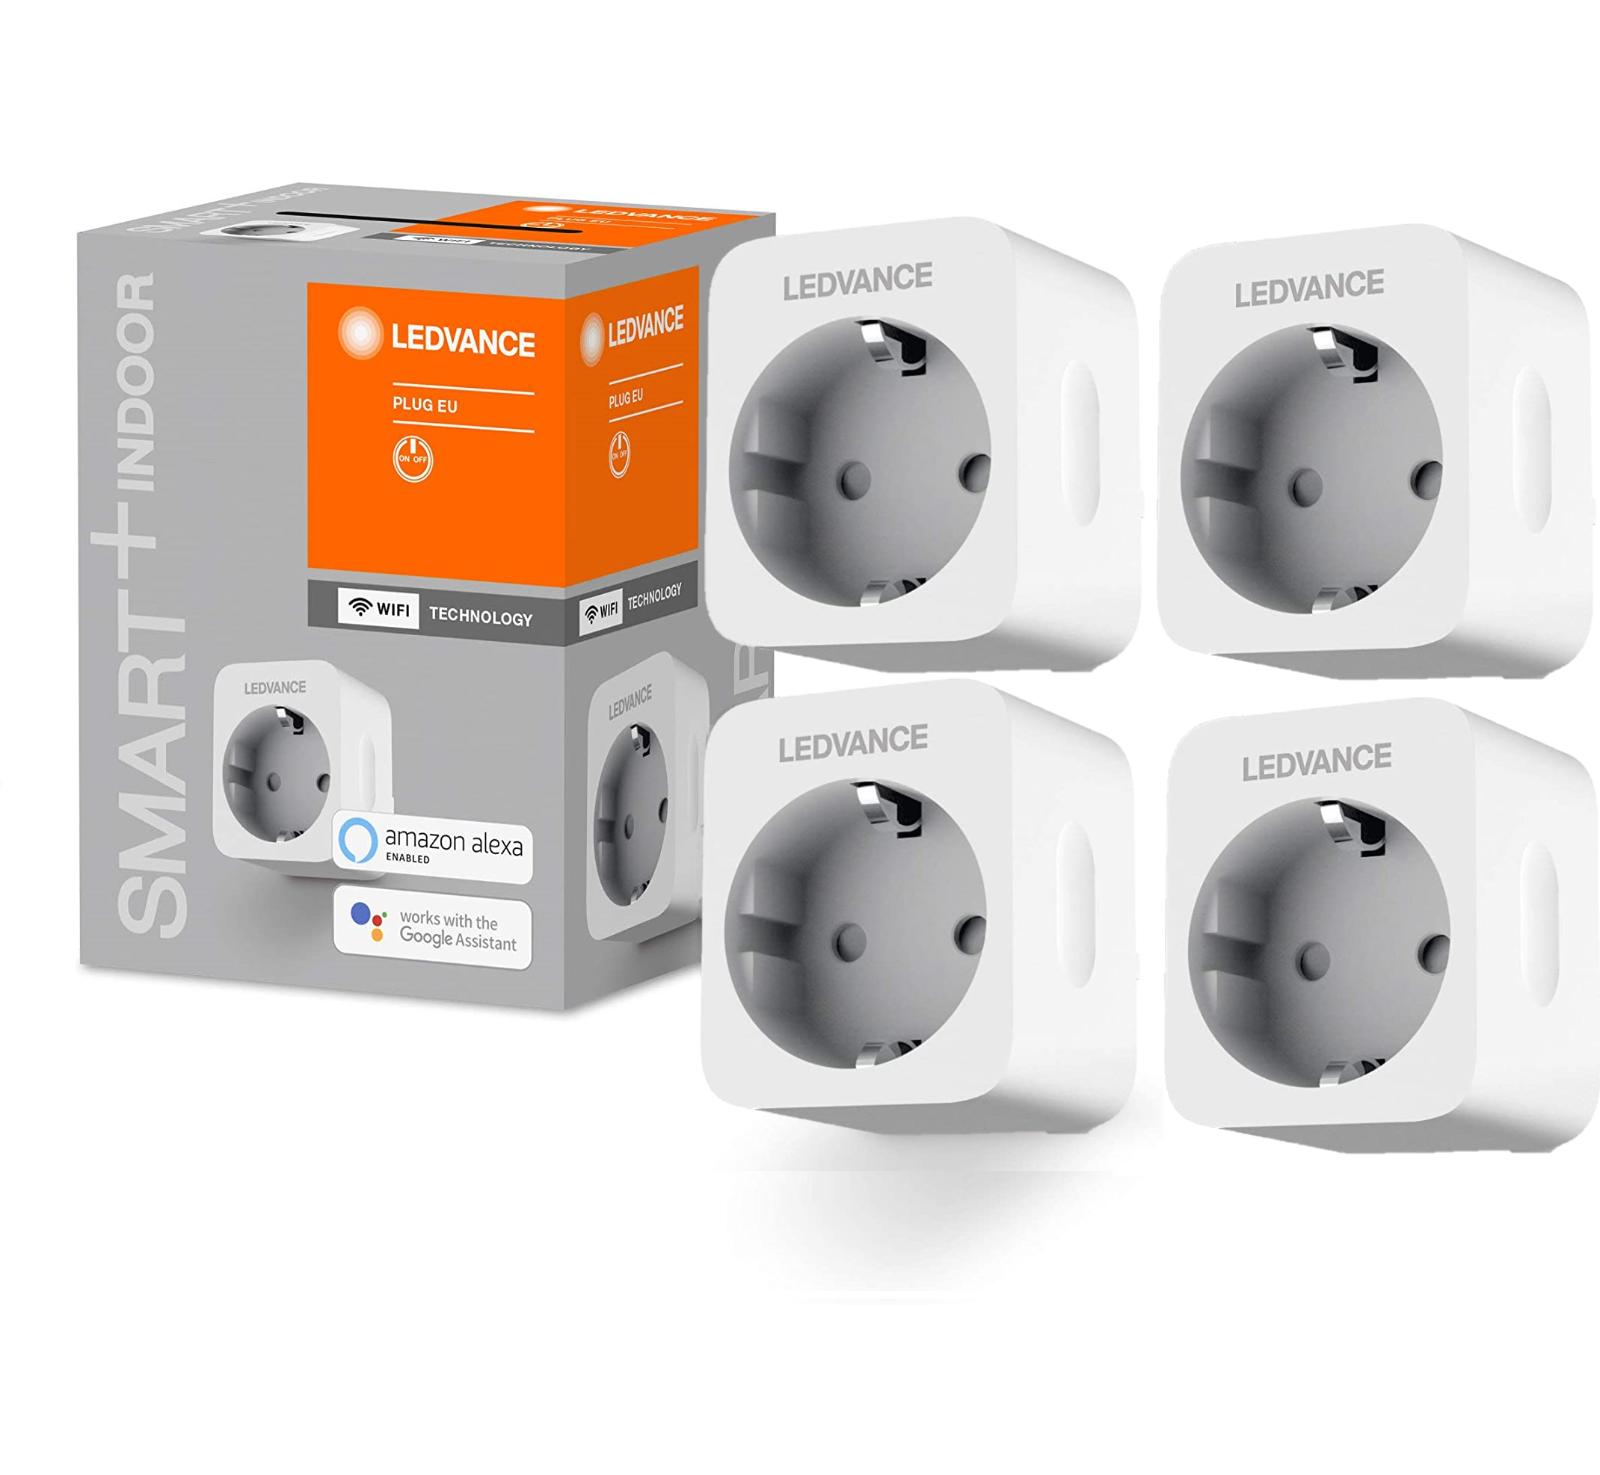 Bild zu 4er Pack LEDVANCE SMART+ Wifi Steckdosen für 24,99€ (Vergleich: 28,96€)